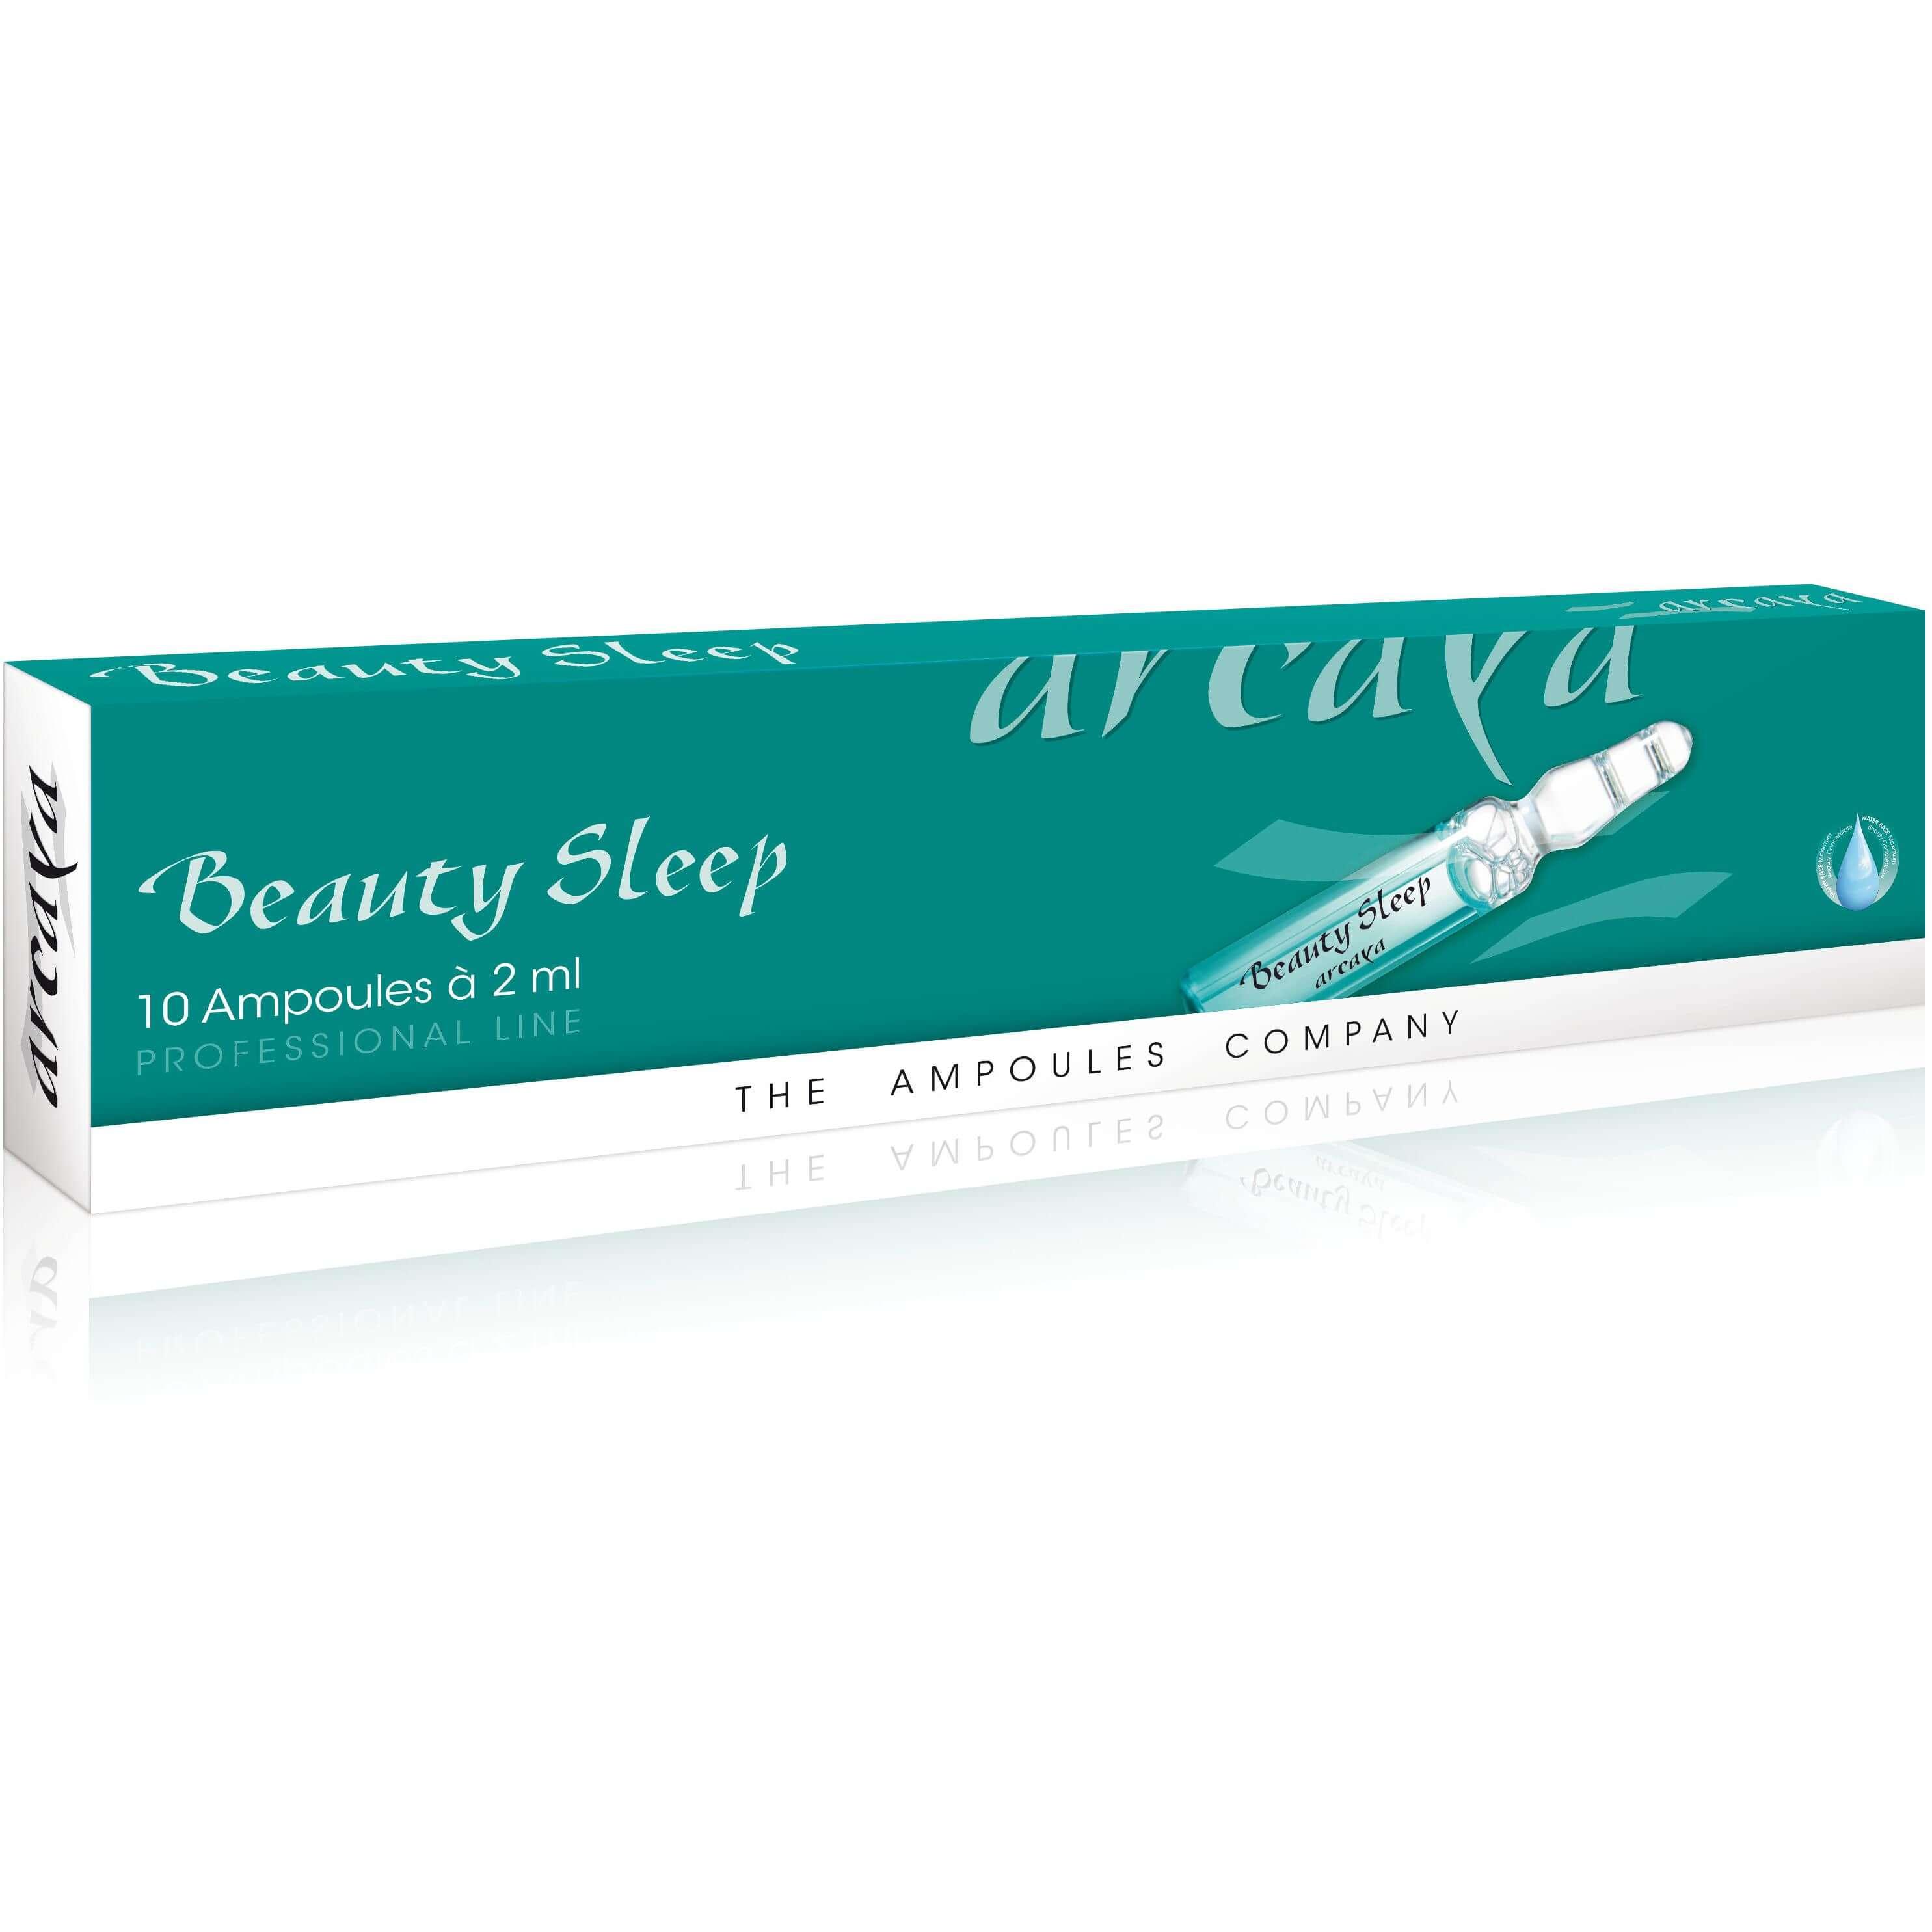 Arcaya Beauty Sleep Εντατική Βραδινή Φροντίδα Ομορφιάς Κατά των Λεπτών Γραμμών & Ρυτίδων 10x2ml